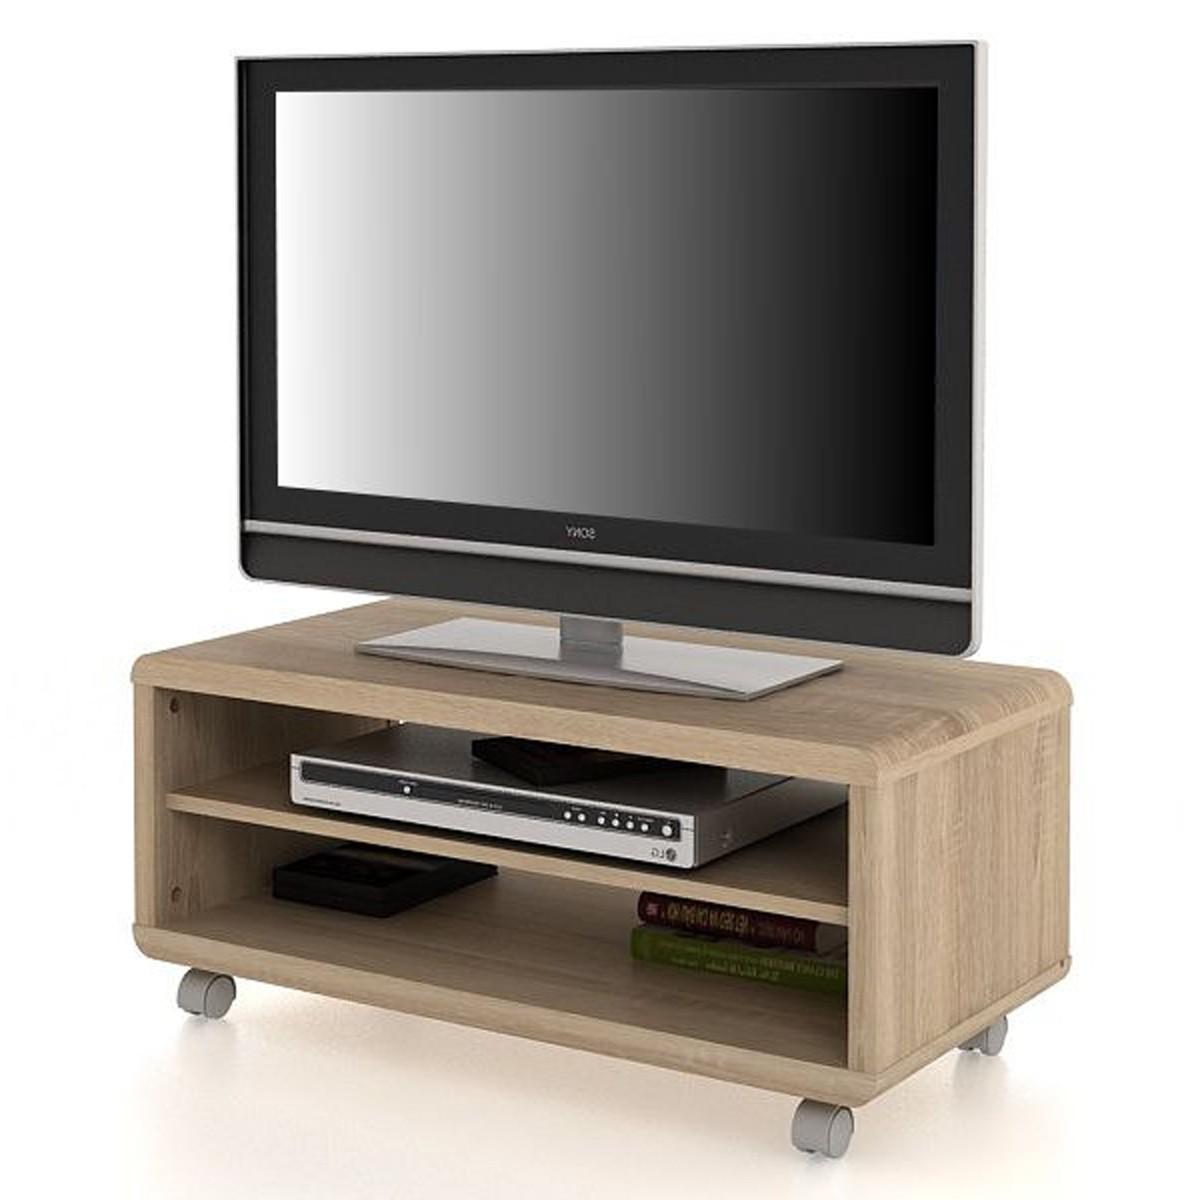 tv tisch sonoma eiche cheap lowboard mano tv tisch eichesonoma glas cm hifi mbel mediambel with. Black Bedroom Furniture Sets. Home Design Ideas